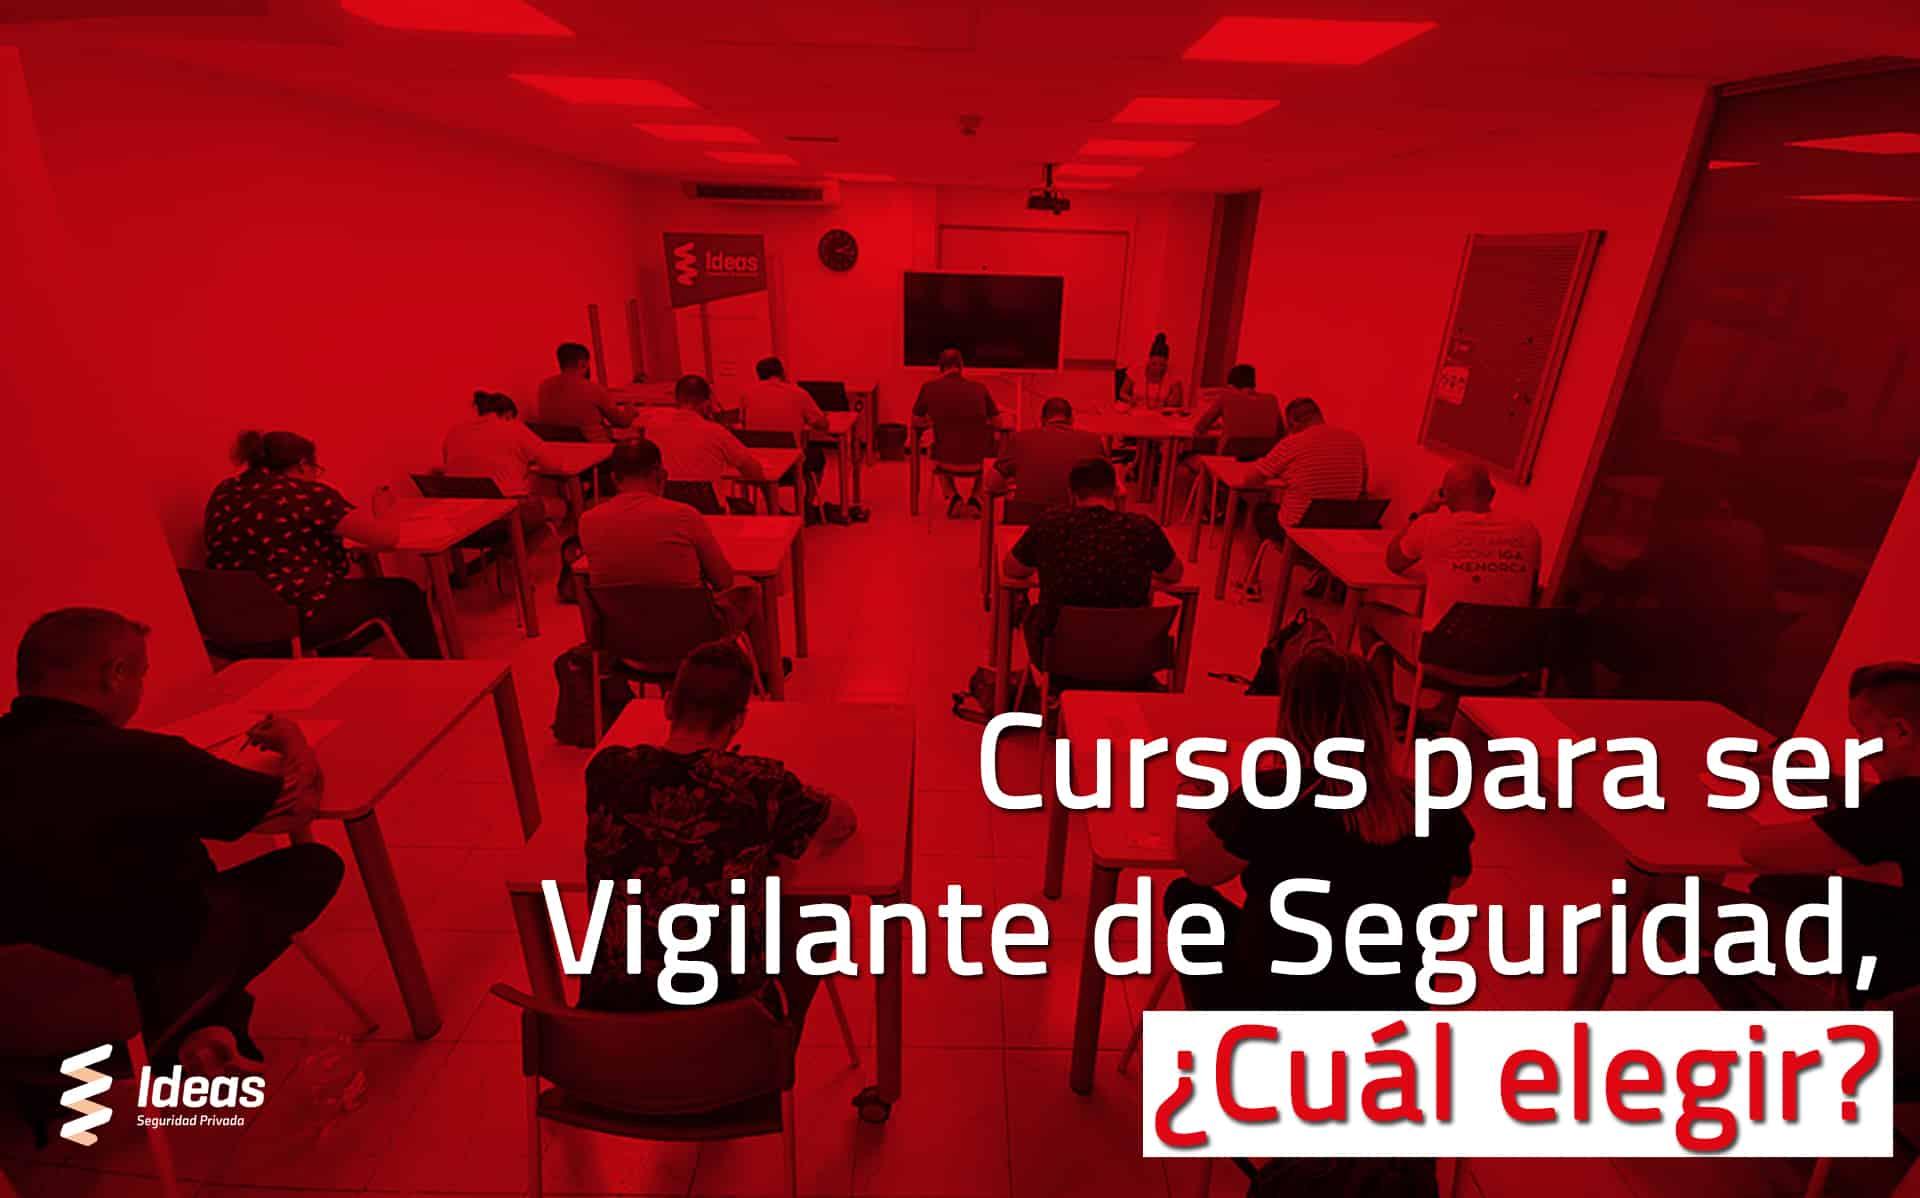 Descubre todos los cursos para vigilante de seguridad y como puedes mejorar dentro de la profesión. Contáctanos y fórmate con nosotros.